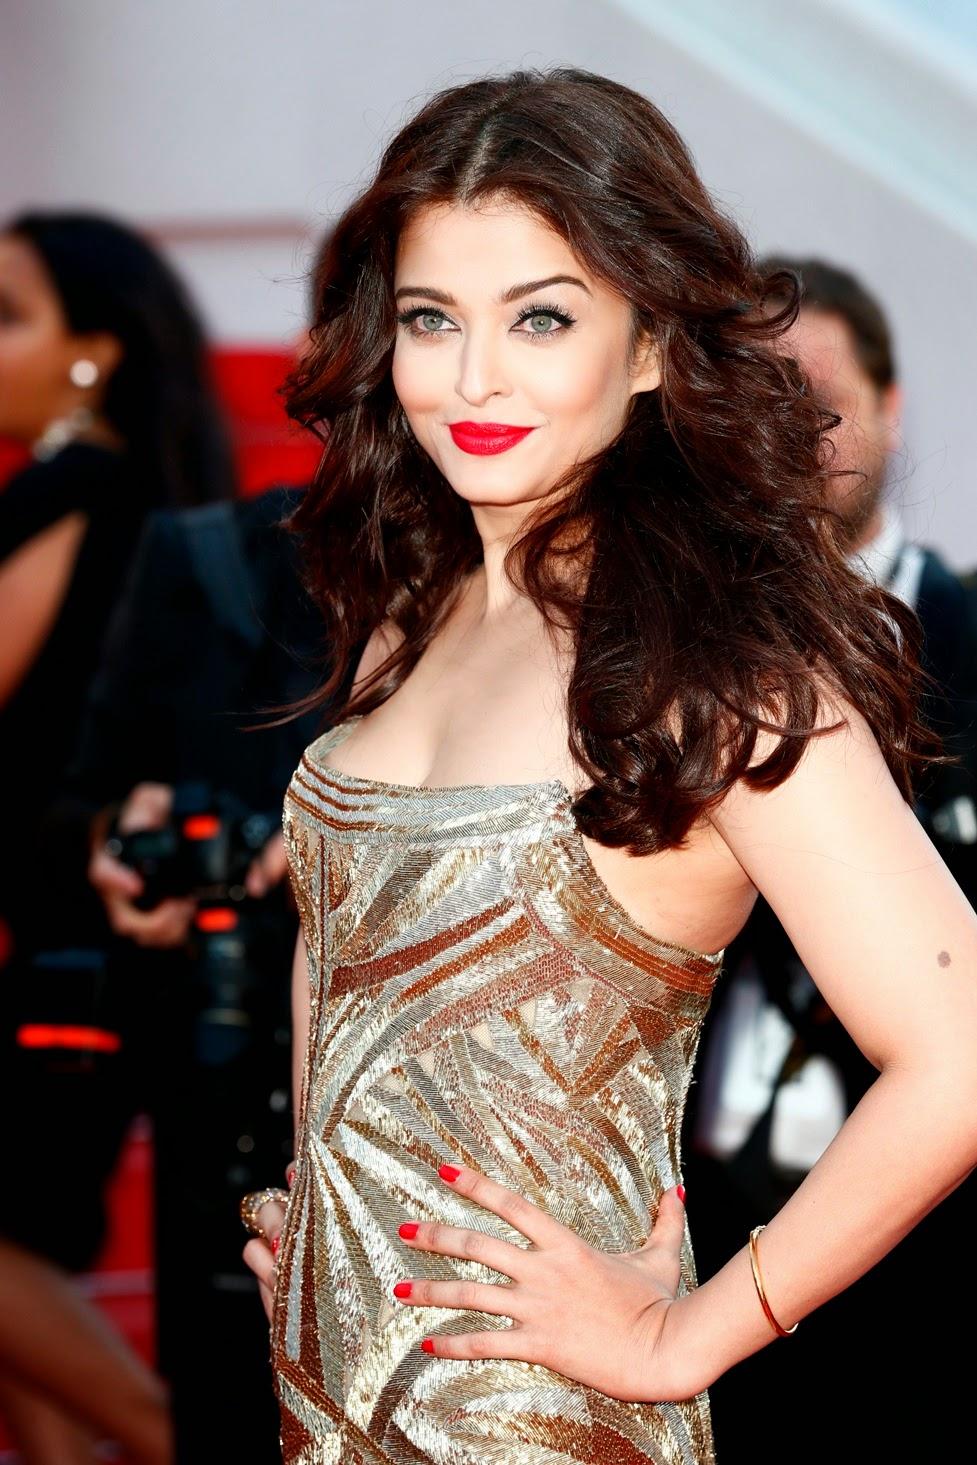 http://www.funmag.org/bollywood-mag/aishwarya-rai-at-cannes-film-festival-2014/